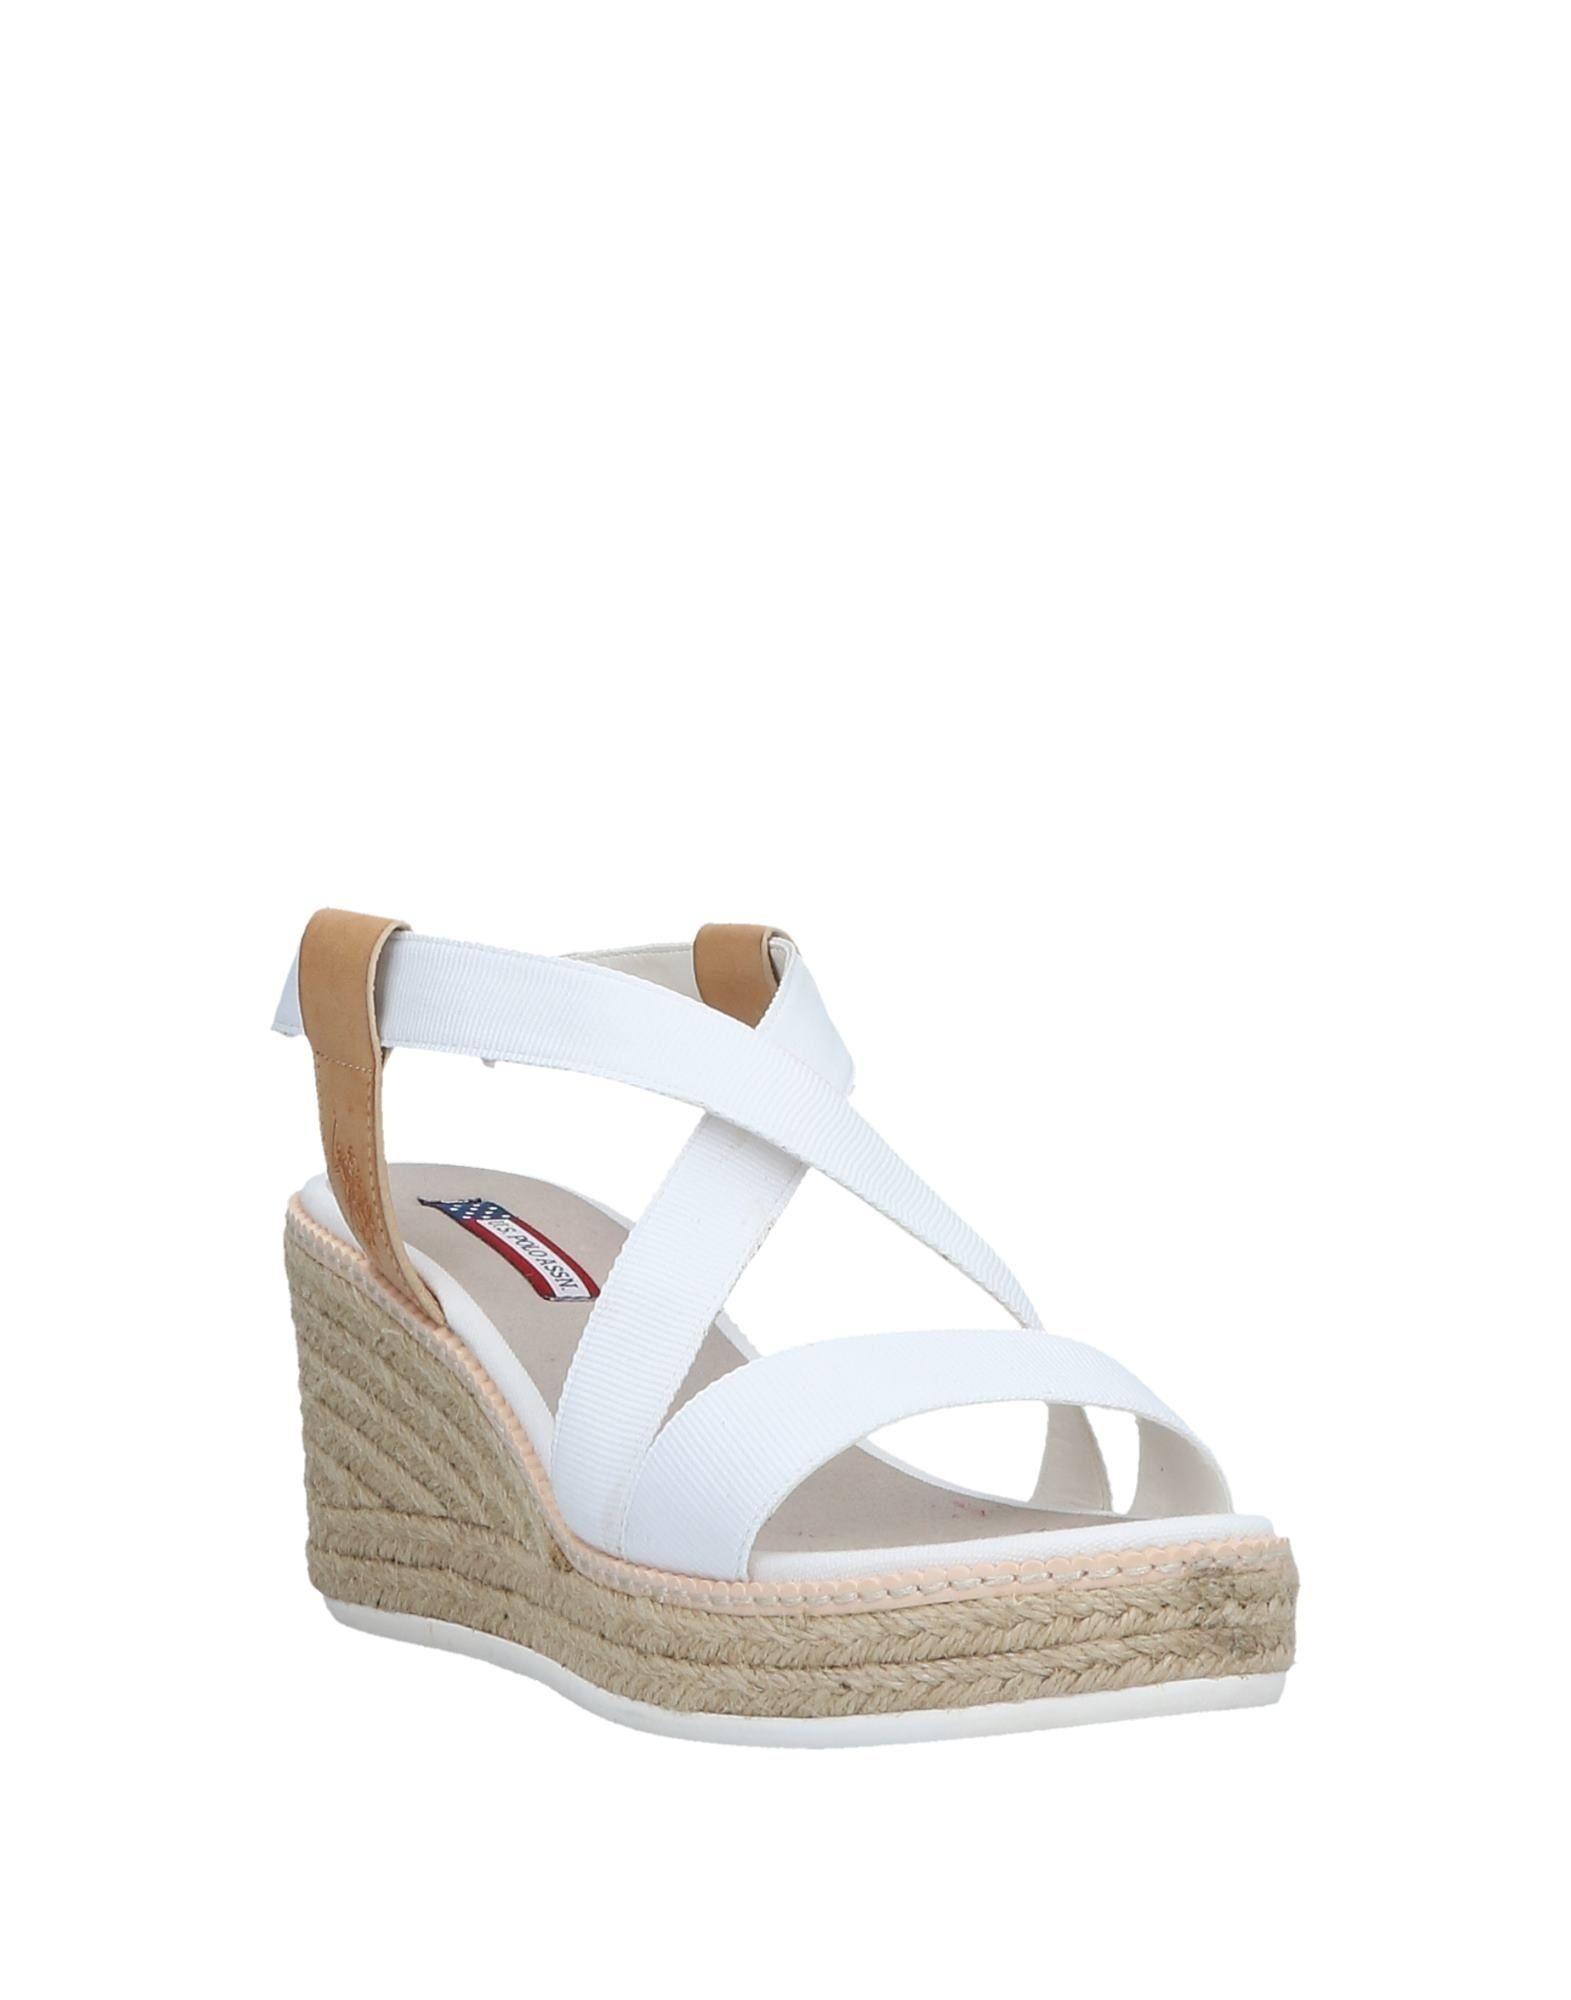 U.S.Polo Assn. Sandals Sandals - Women U.S.Polo Assn. Sandals Sandals online on  Canada - 11499895KJ f56866